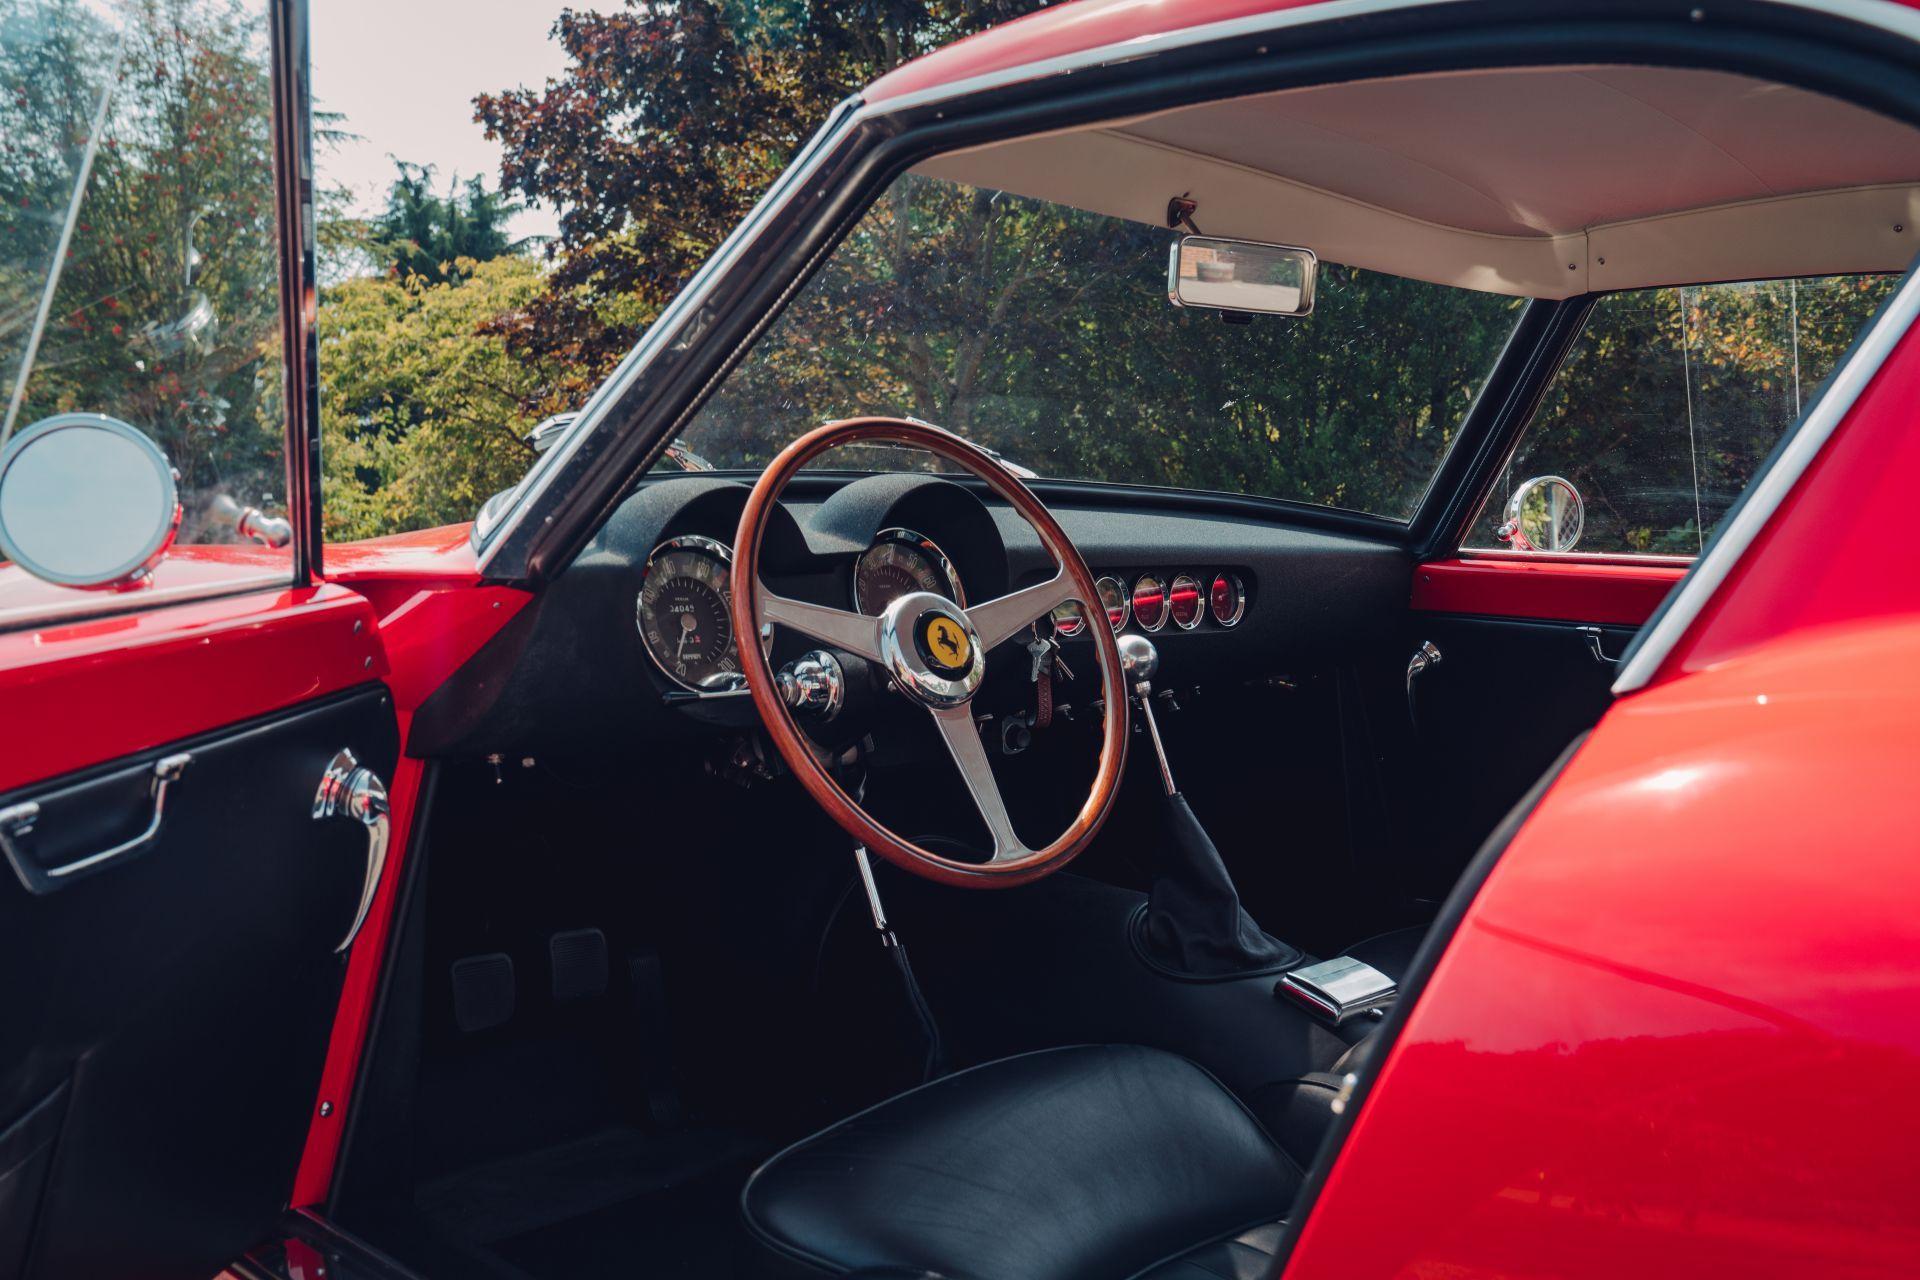 Ferrari-250-GT-SWB-Berlinetta-Competizione-Revival-by-GTO-Engineering-28